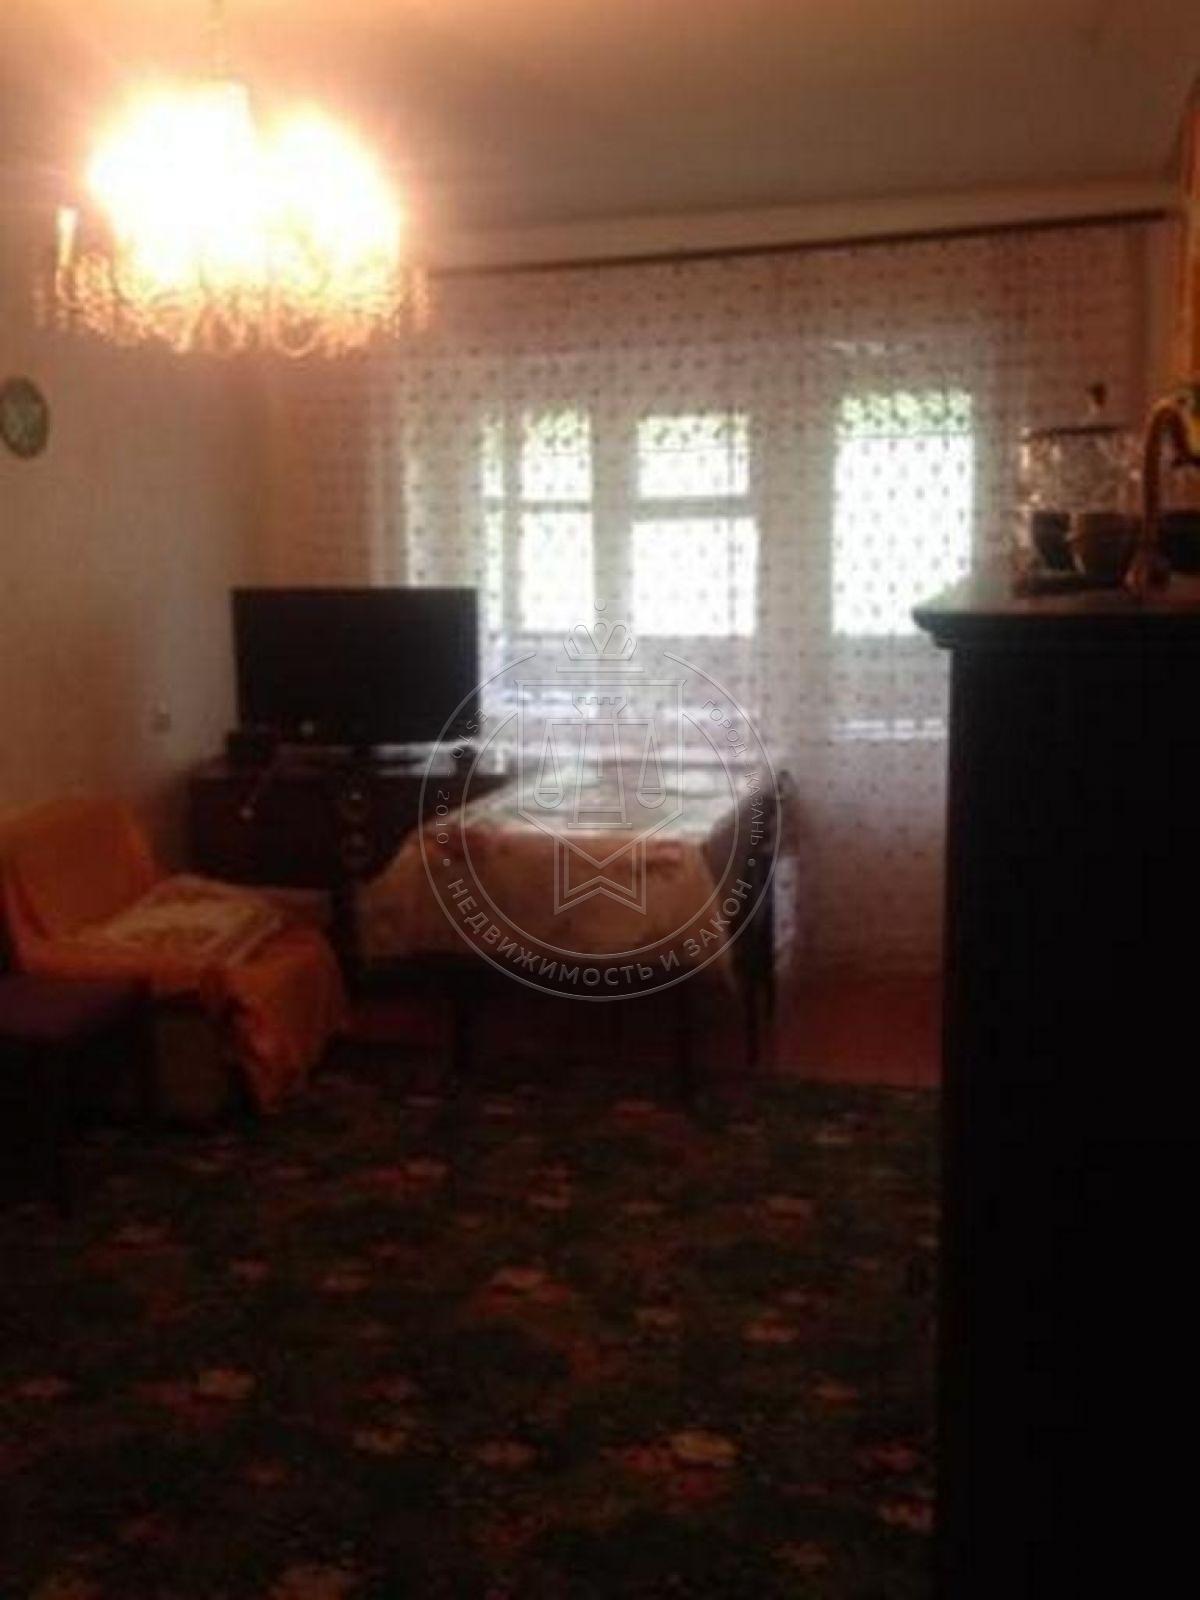 2-к квартира, 45 м², 5/5 эт., Кирпичникова, 10 (миниатюра №1)